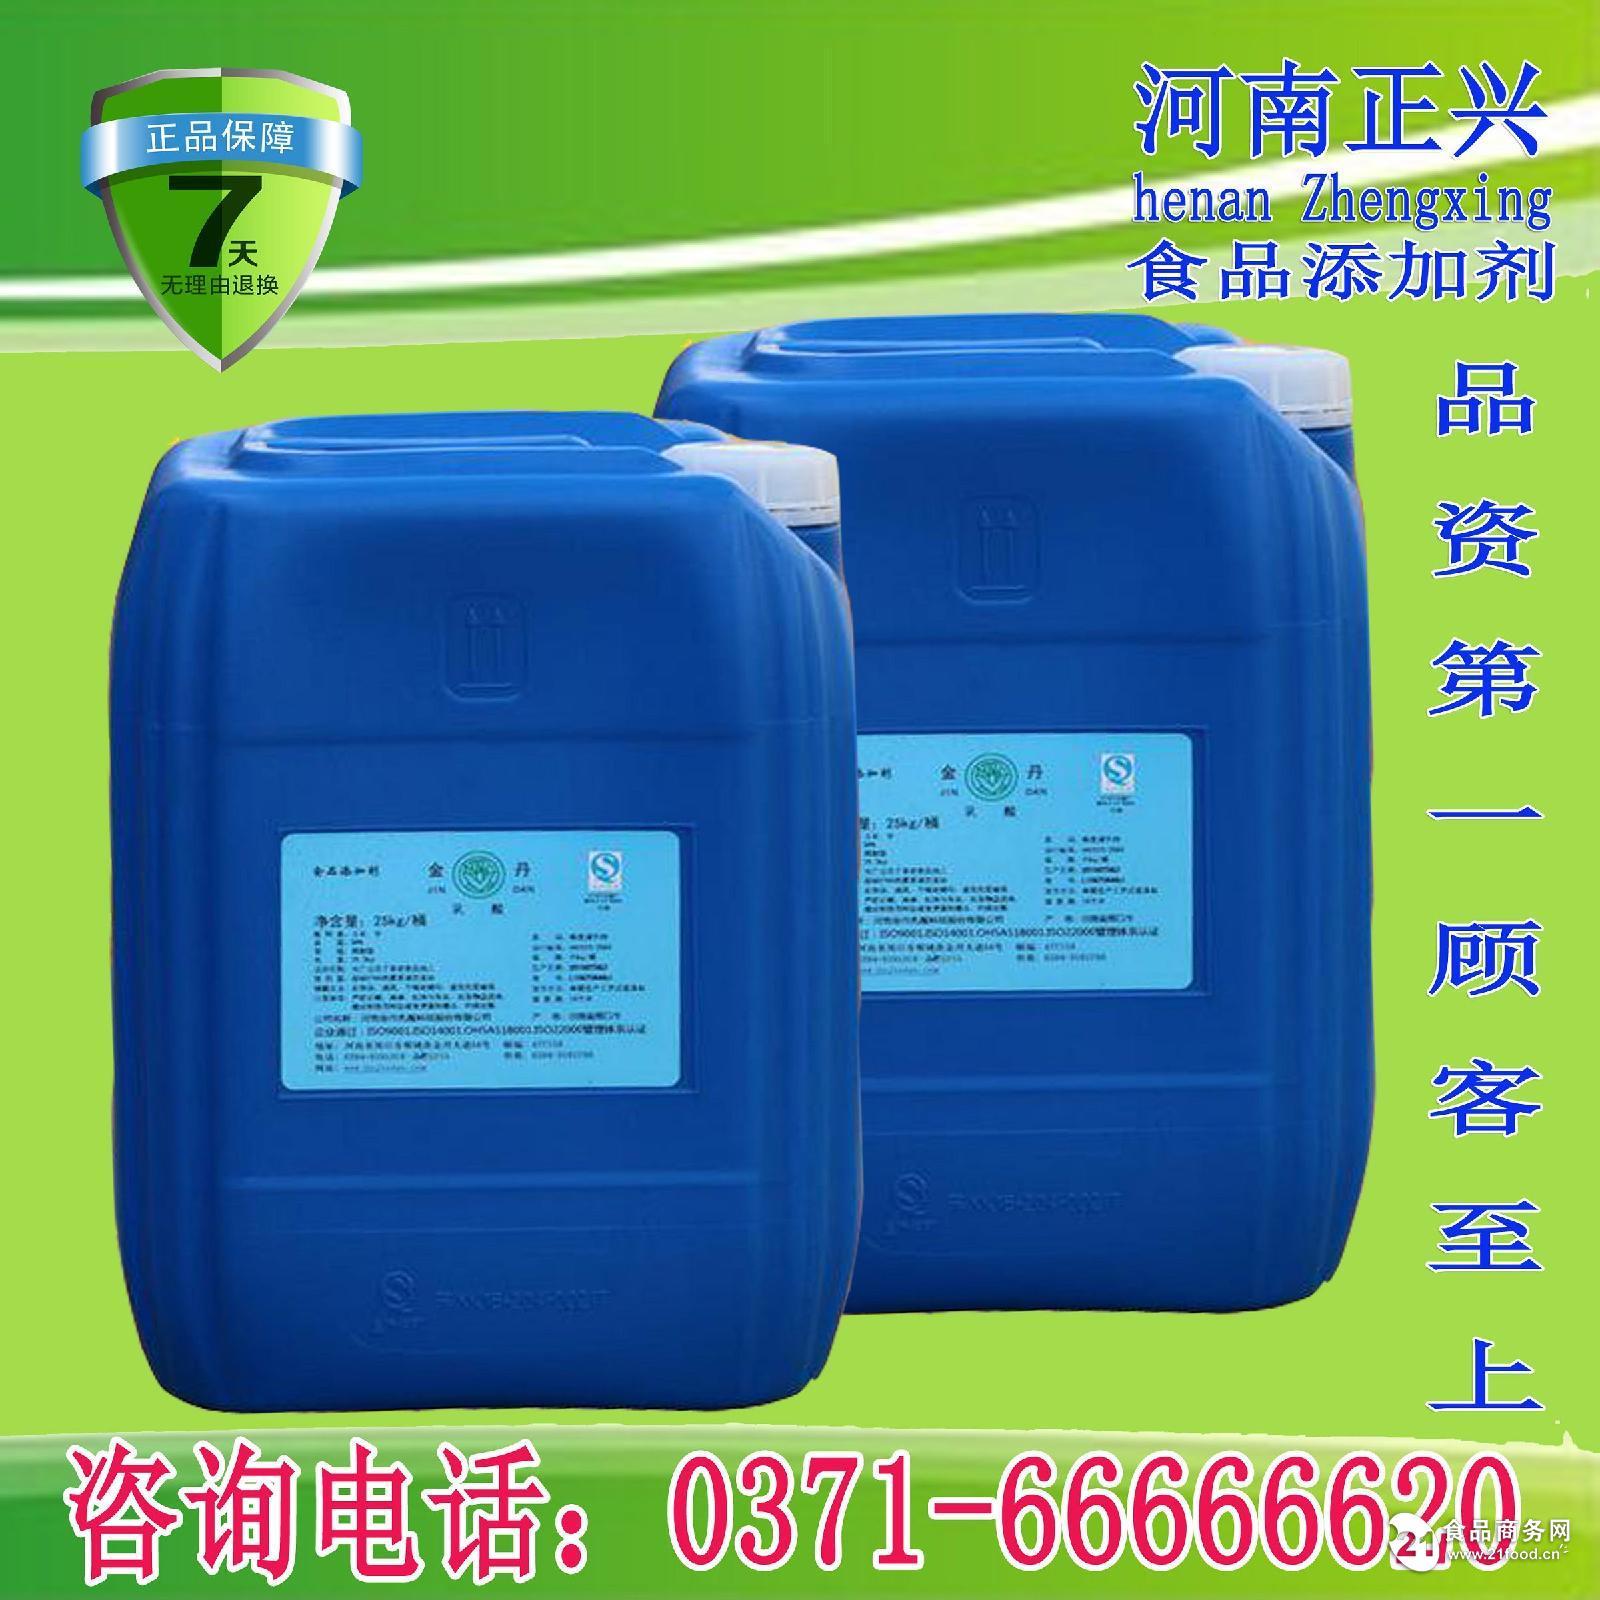 食品级 防腐剂 乳酸 99% 质量保证